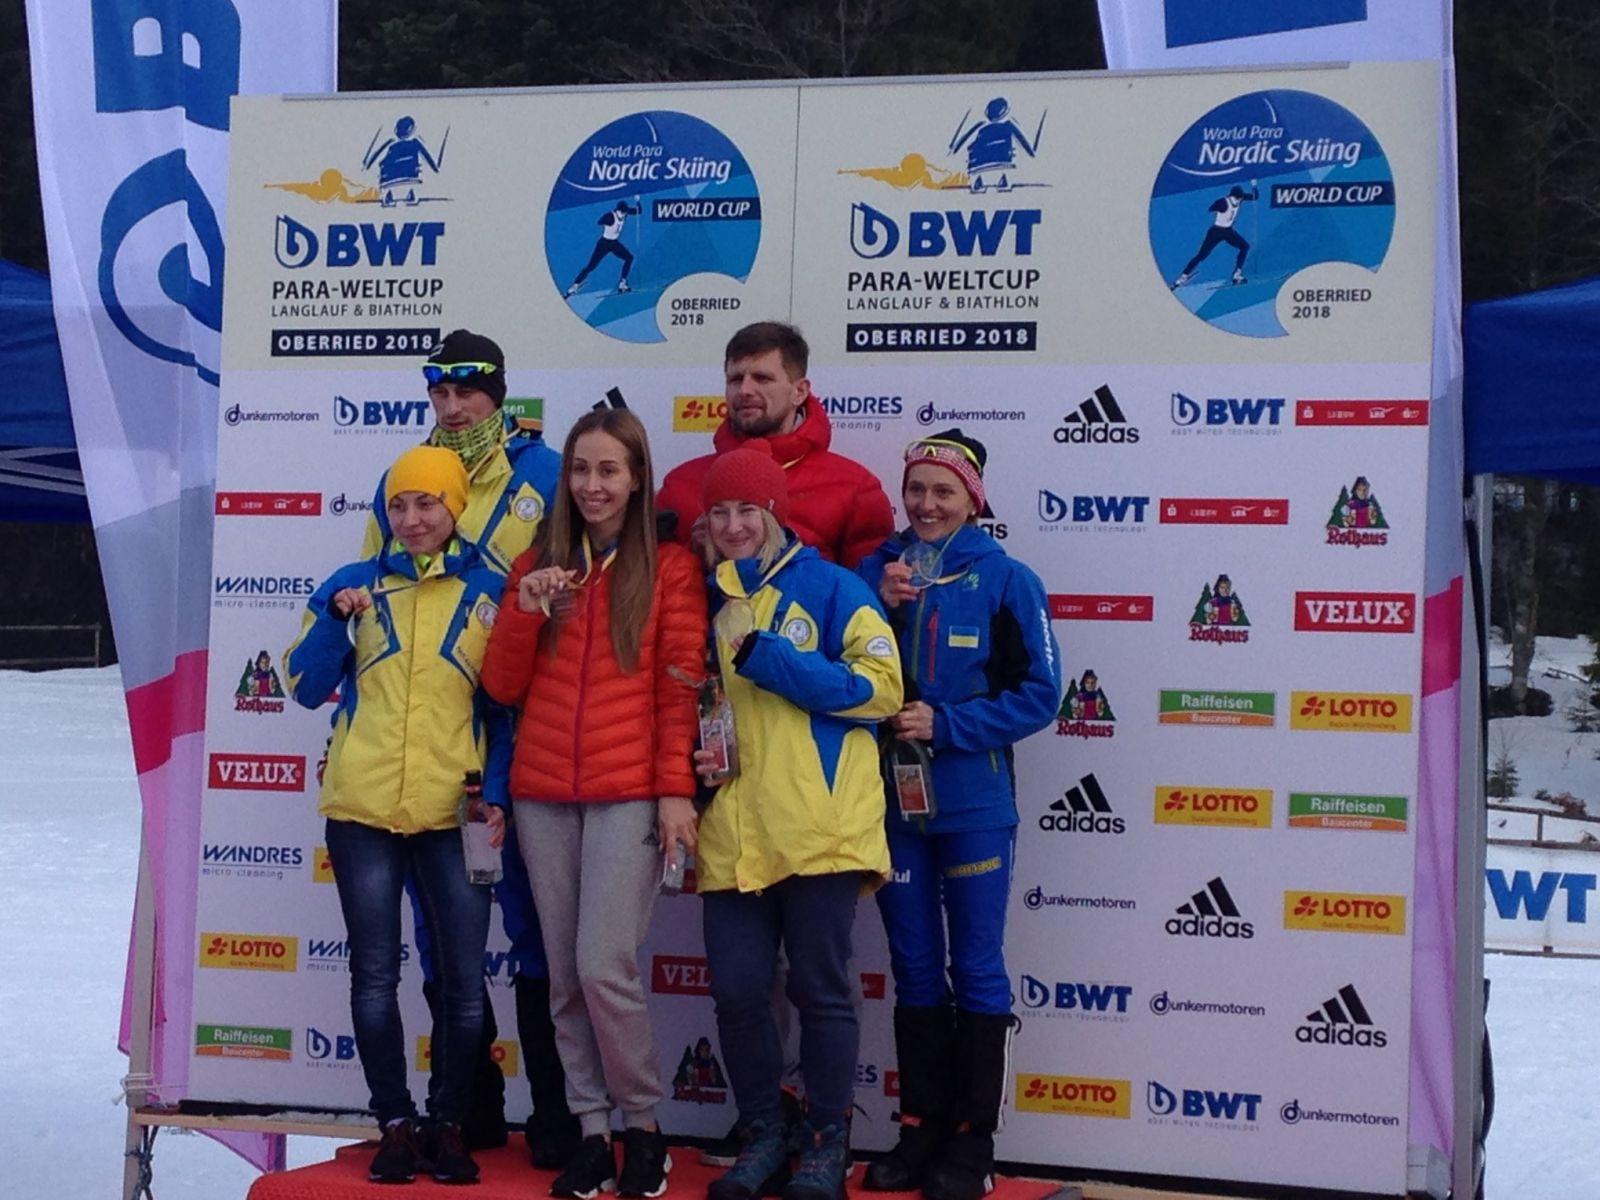 Российские лыжники завоевали 5 золотых, 4 серебряные и 3 бронзовые медали в пятый день этапа Кубка мира по лыжным гонкам и биатлону спорта лиц с ПОДА и нарушением зрения